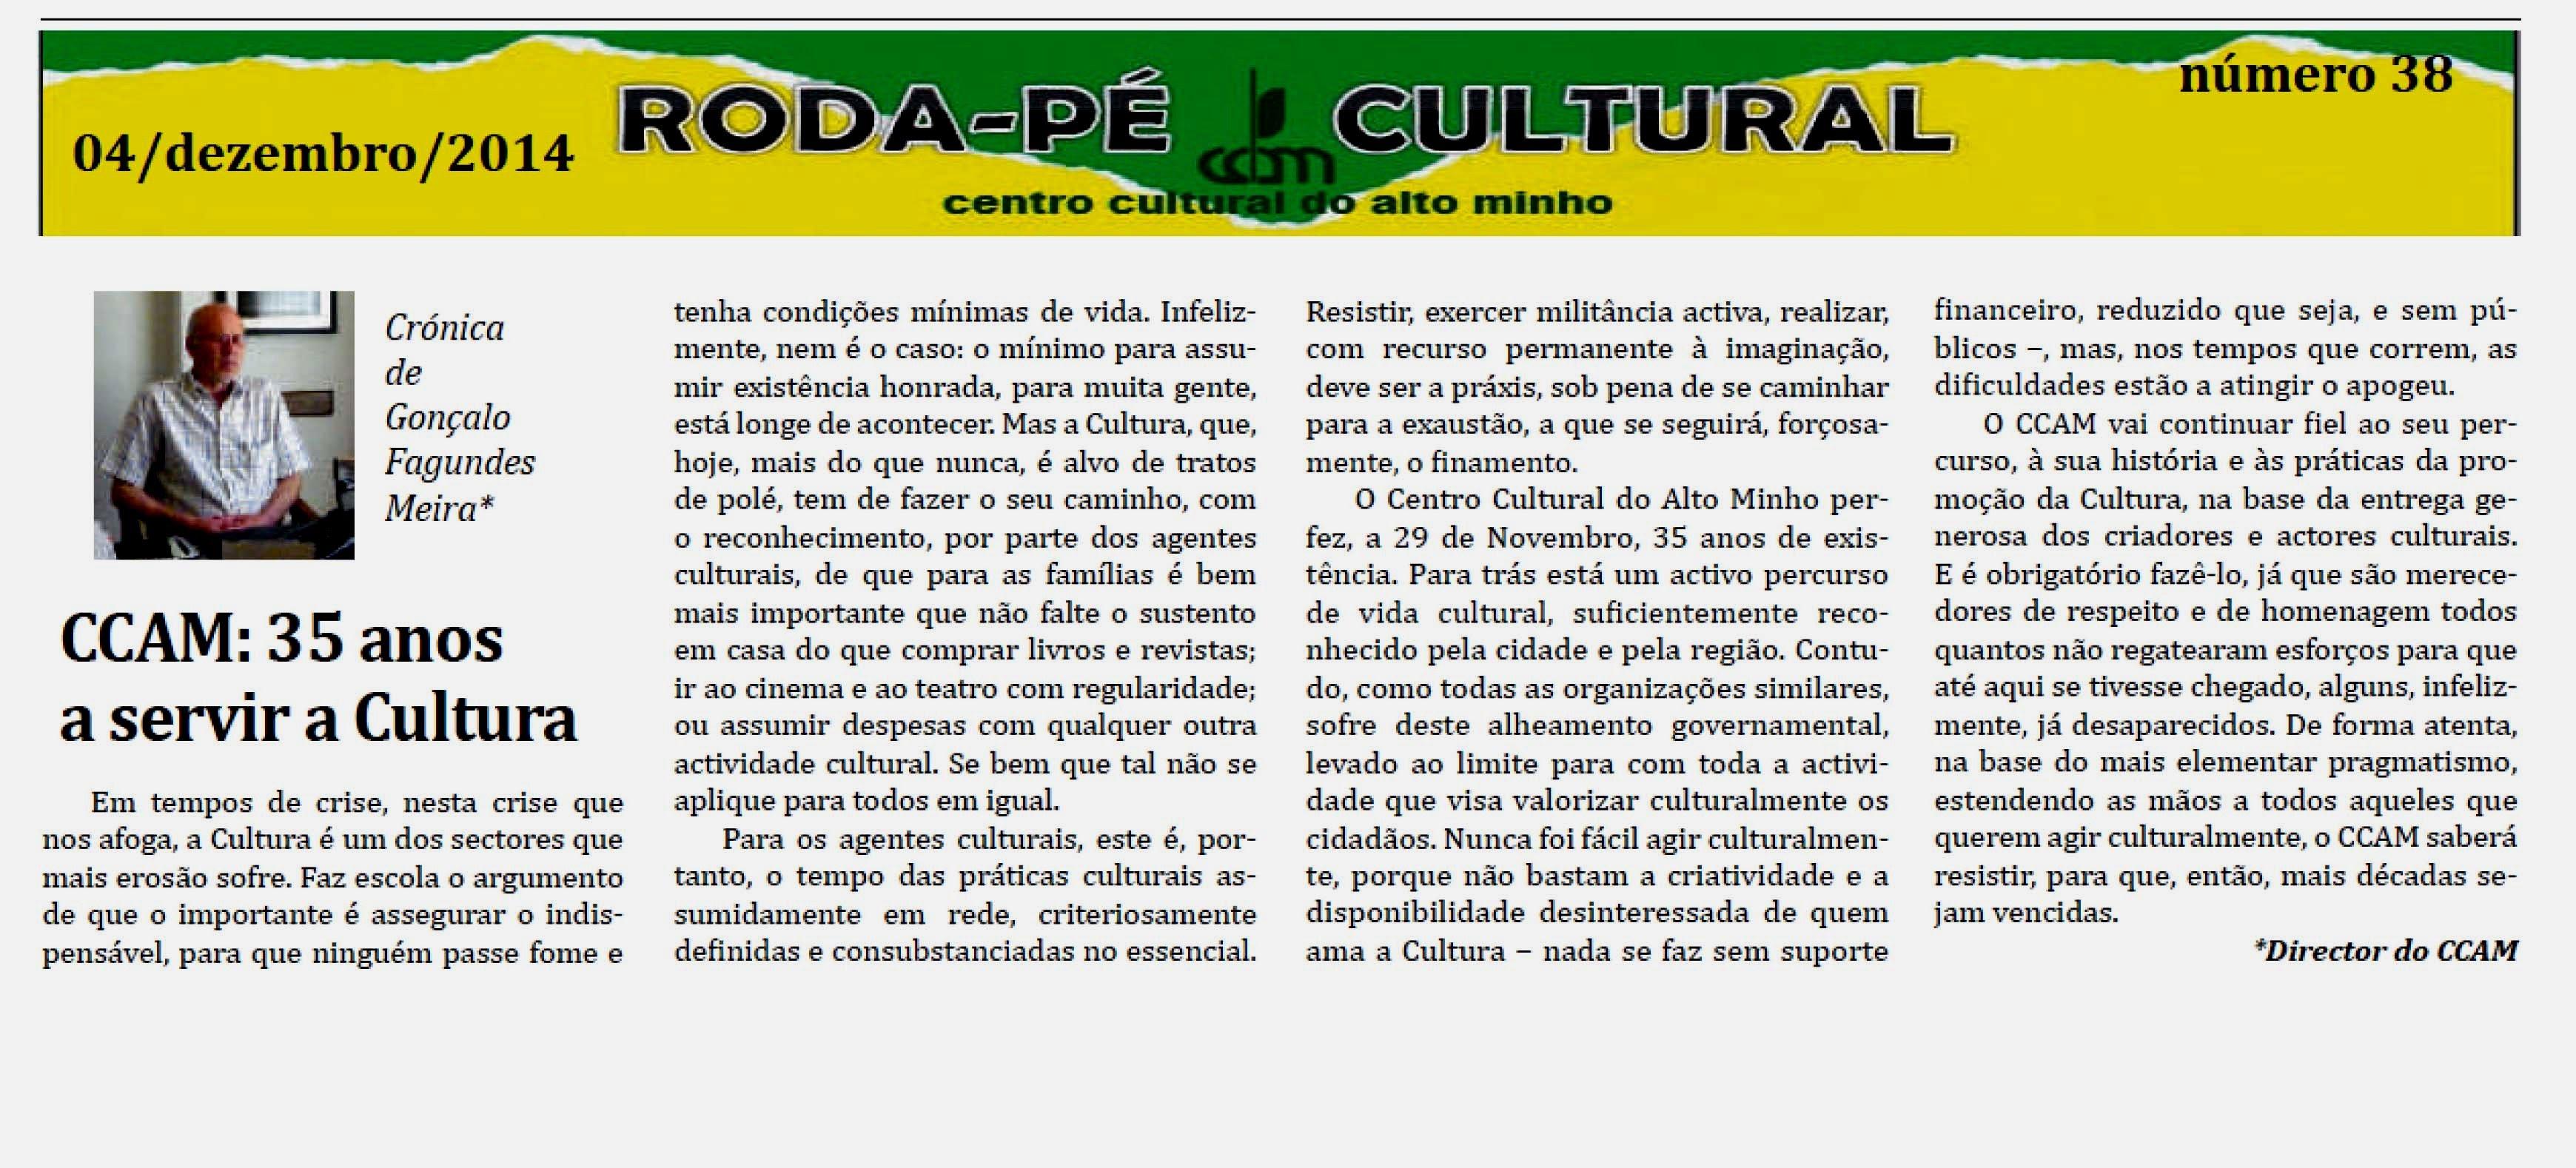 https://sites.google.com/a/centroculturaldoaltominho.org/ccam/actividades-realizadas/2014/Roda-Pe_38.jpg